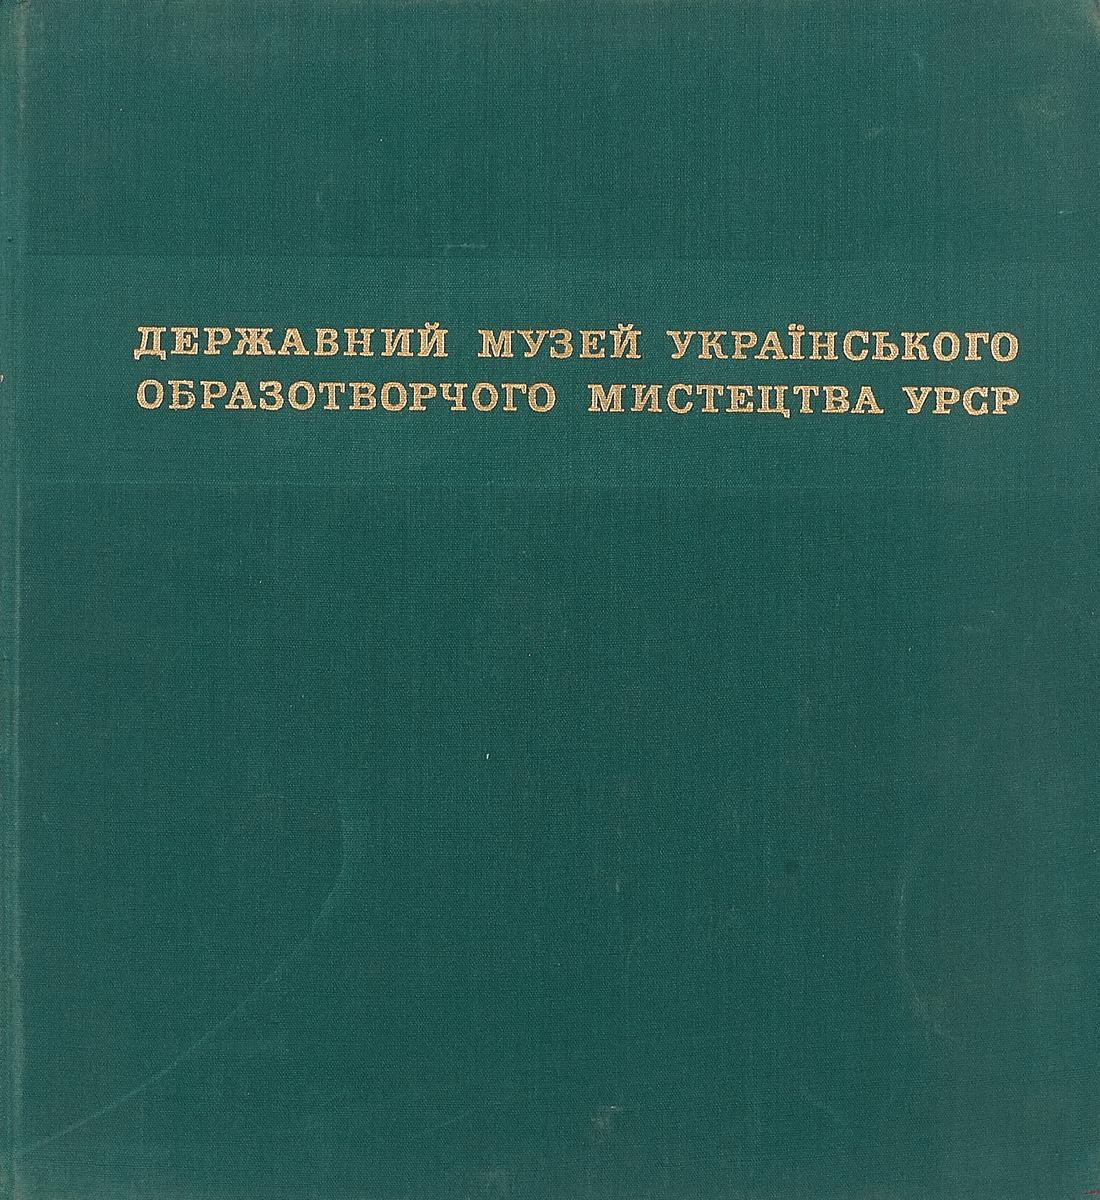 Петр Говдя Государственный музей украинского изобразительного искусства УССР